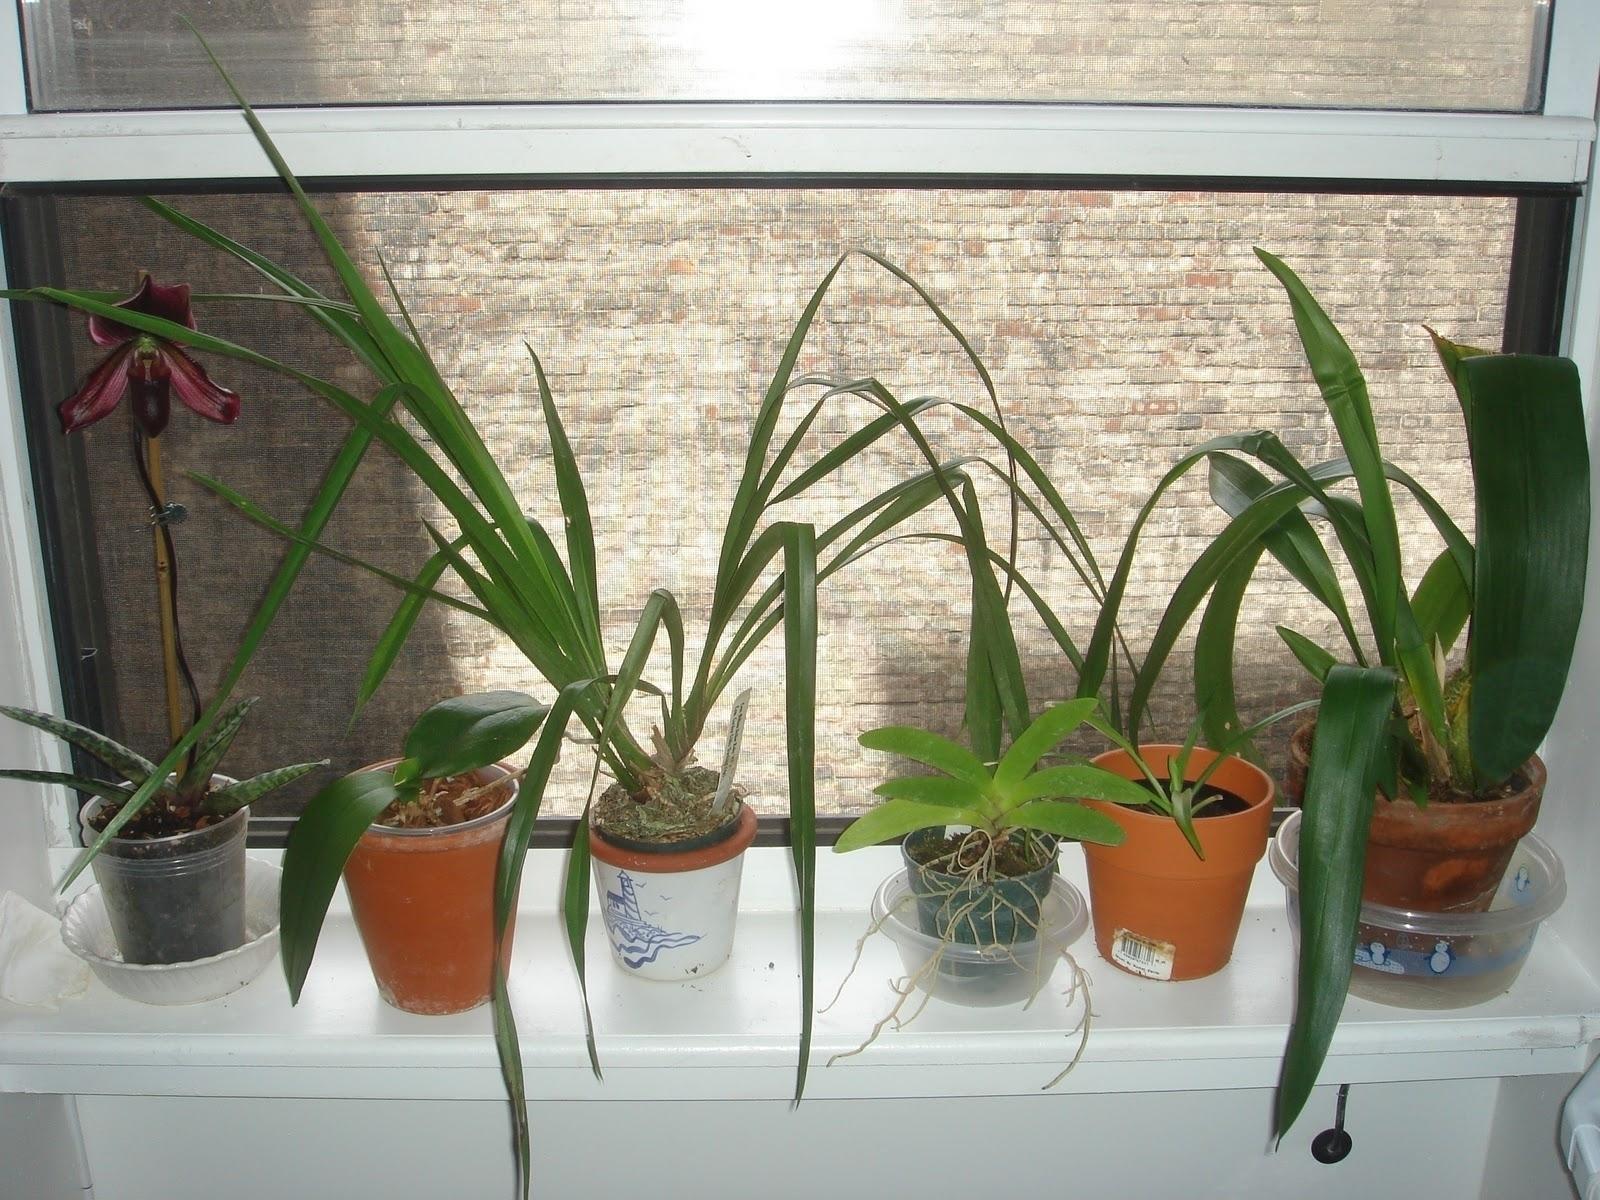 Piante Da Appartamento Orchidea.Orchidee Piante Da Interno Cura Orchidee Come Curare Le Orchidee